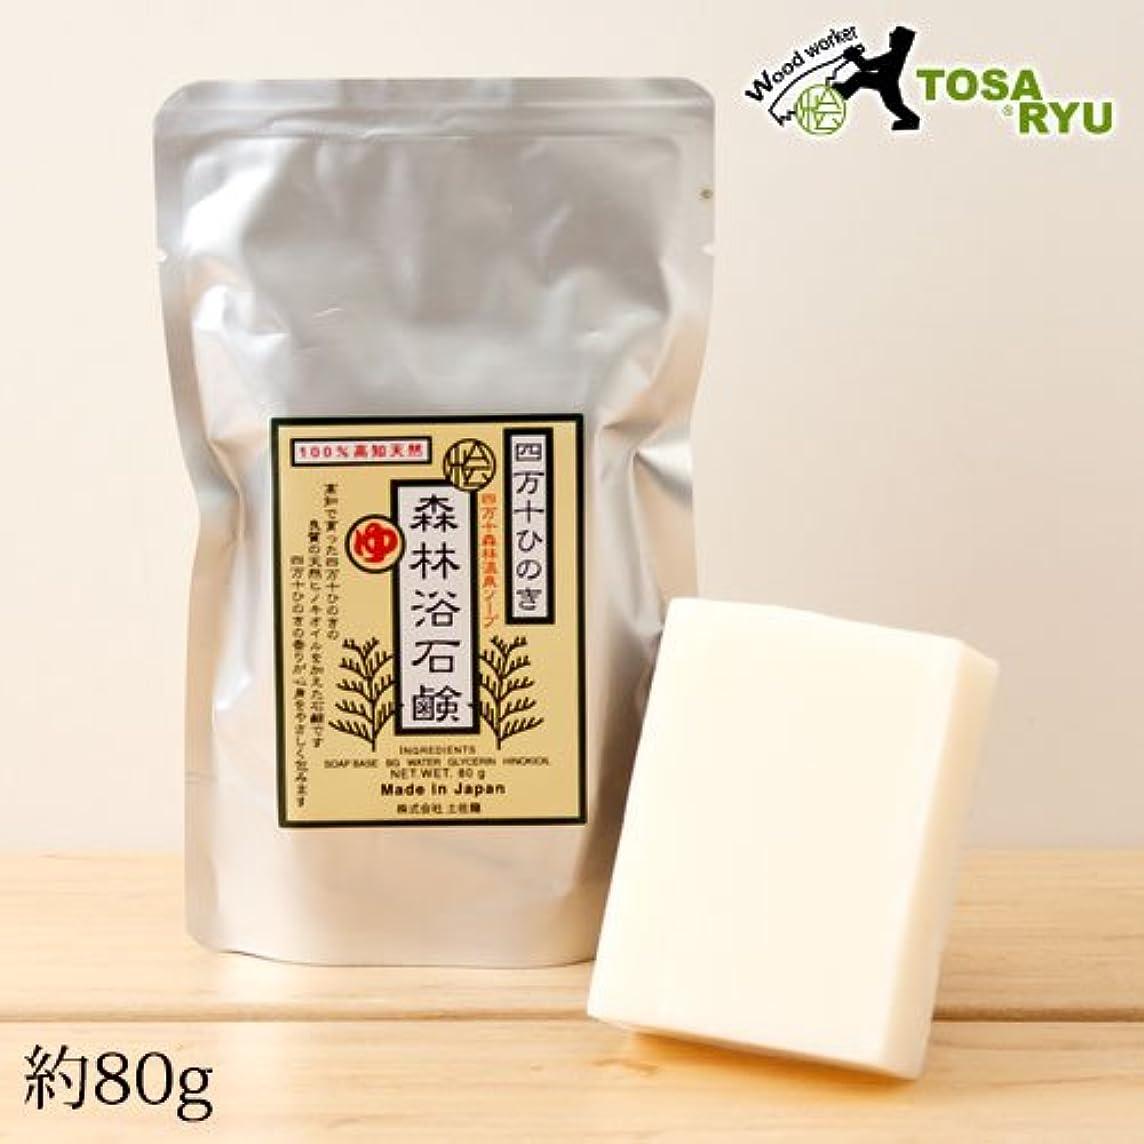 統治するまさに収縮土佐龍四万十森林温泉石鹸ひのきの香りのアロマソープ高知県の工芸品Aroma soap scent of cypress, Kochi craft